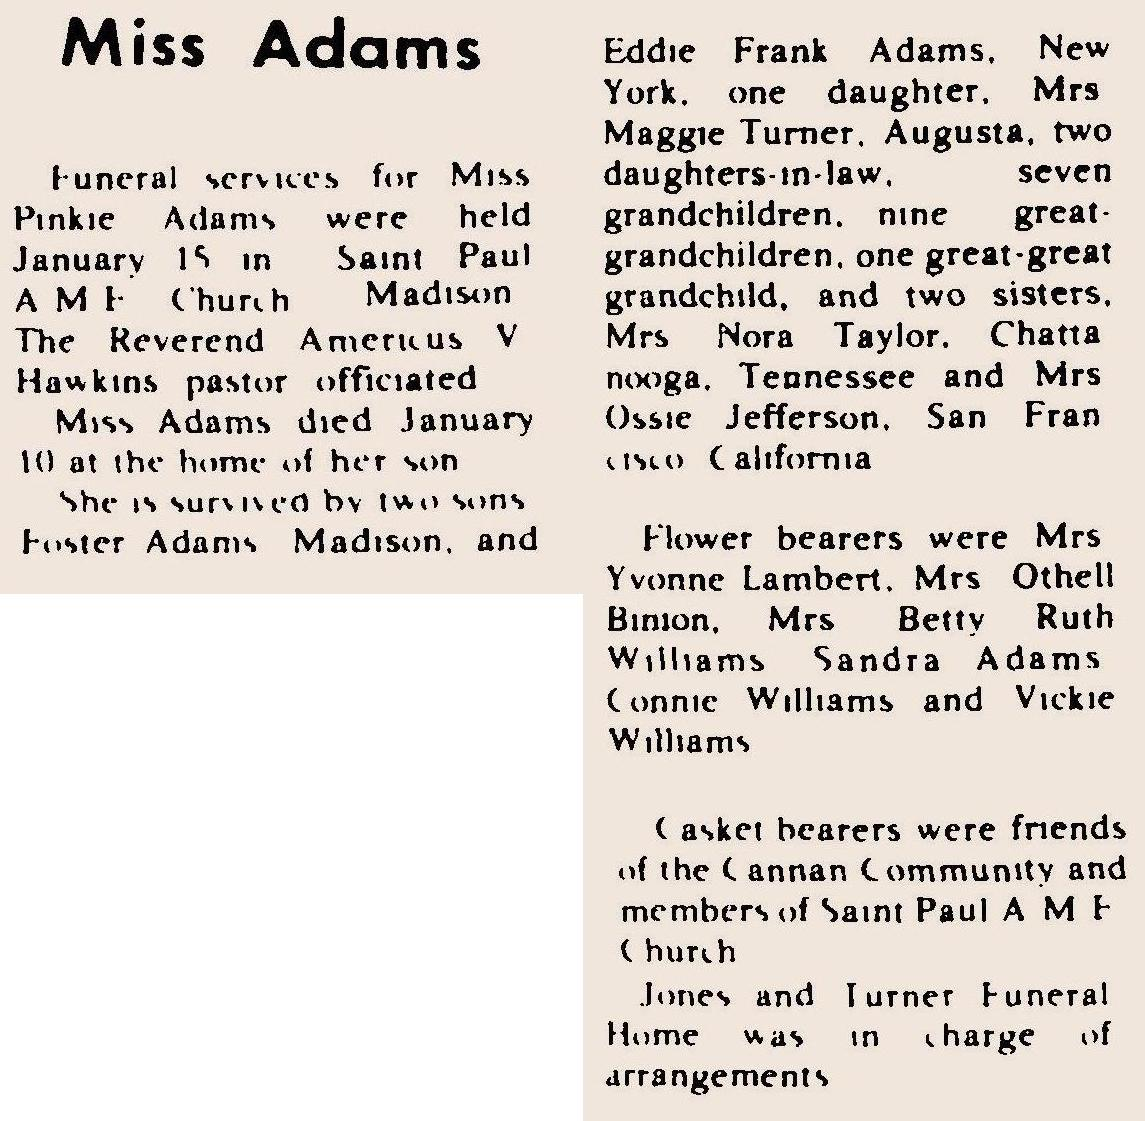 Obituary_ADAMS-Pinkie-1975.jpg